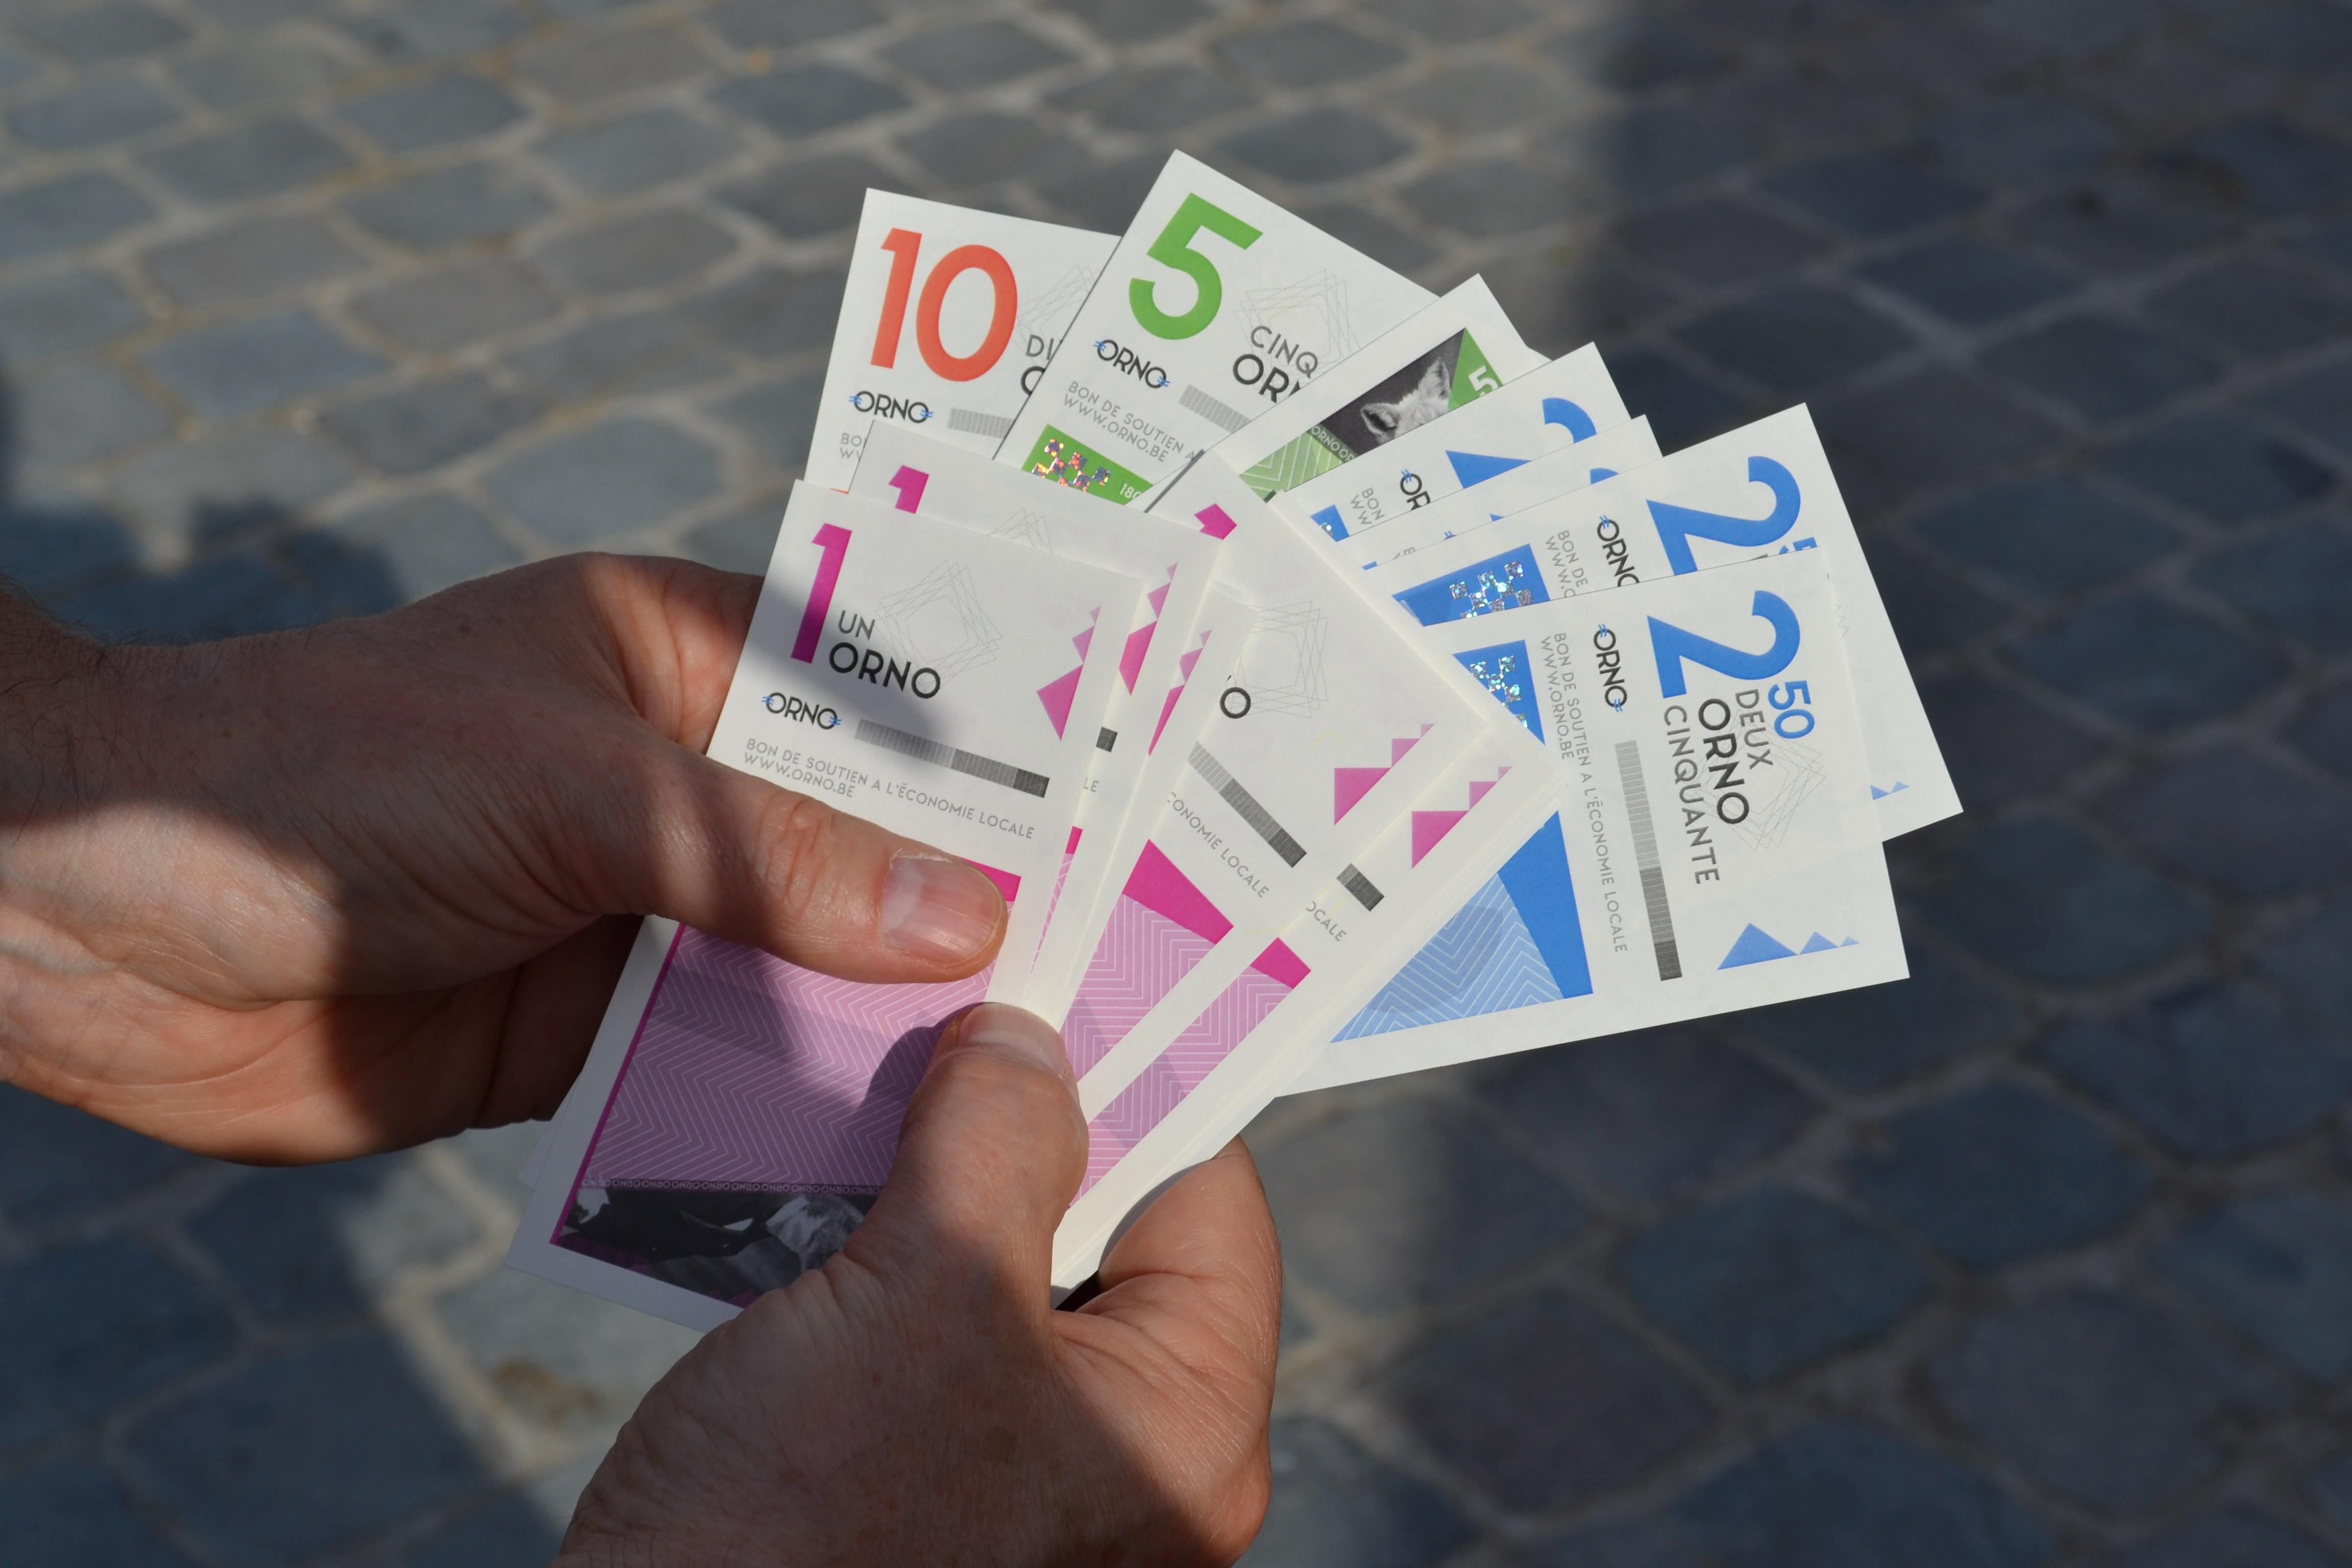 Une première en Wallonie: l'Orno, monnaie citoyenne acceptée et utilisée par les services de la Ville de Gembloux